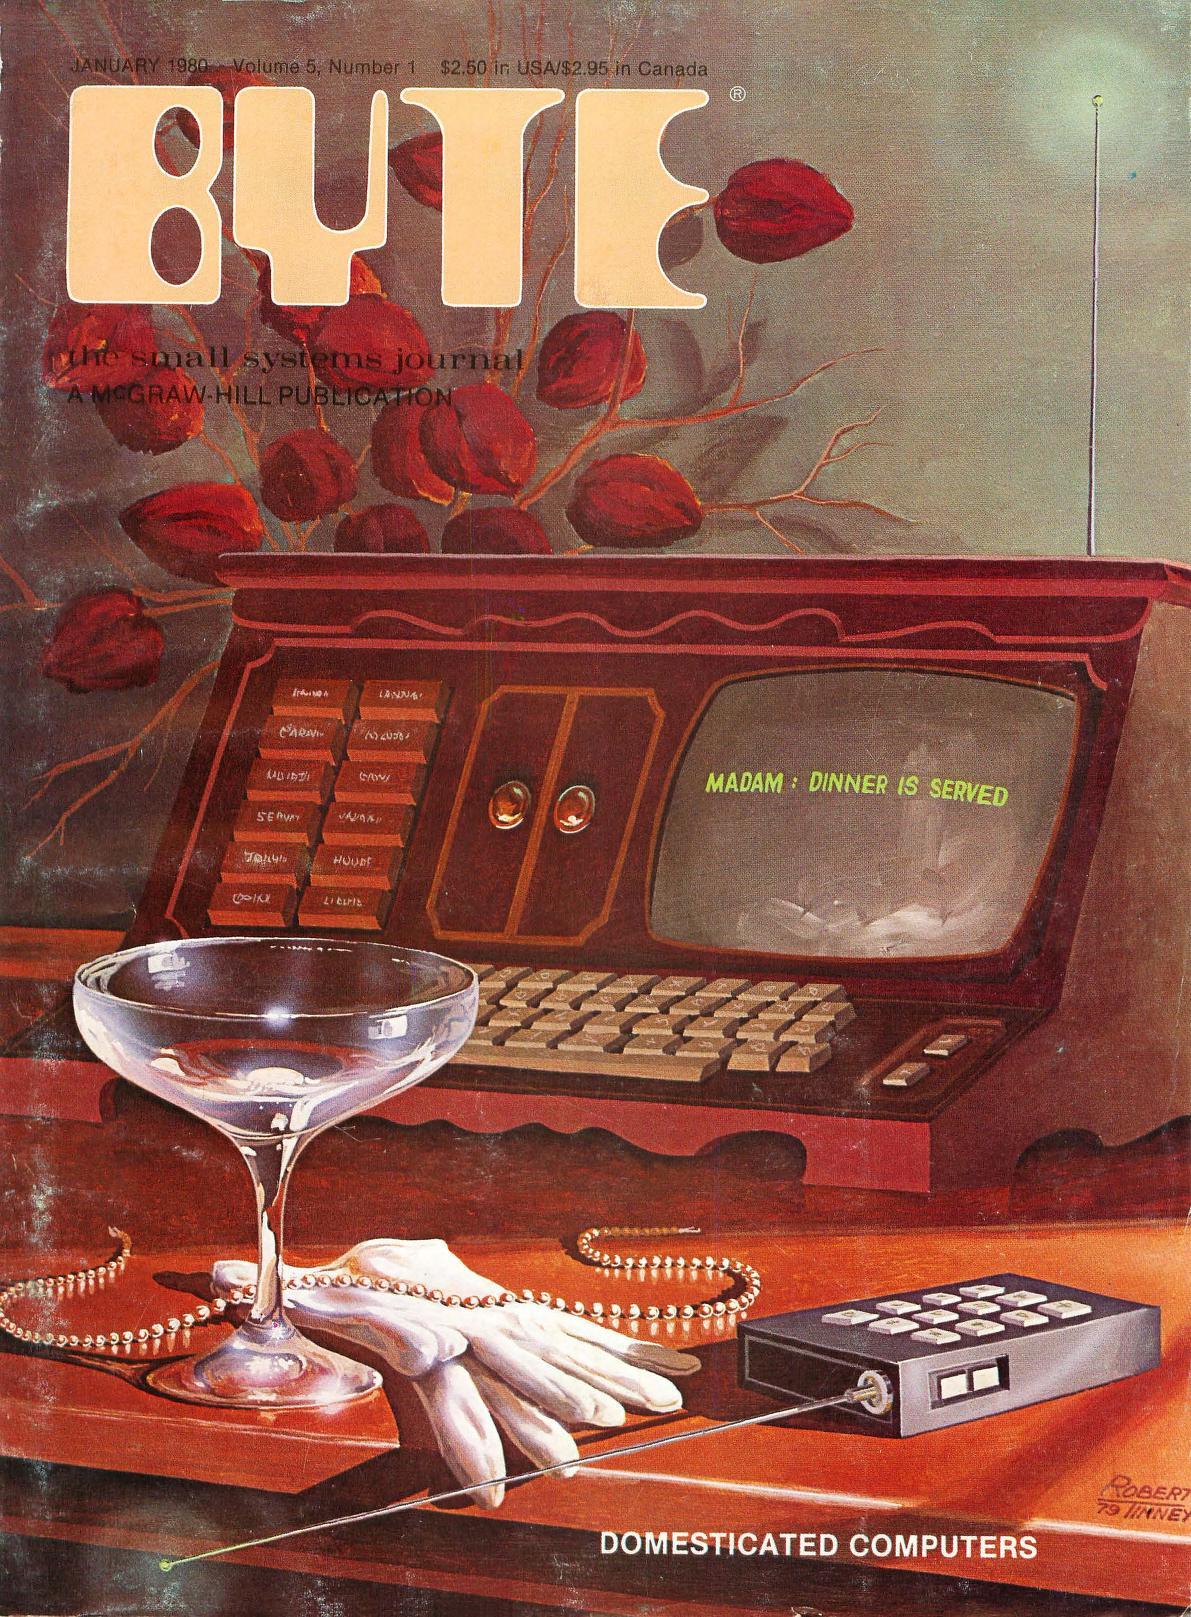 Januar 1980. Malt av Robert Tinney. Dette nummeret har blant annet artikler om noe det har vært mye snakk om i årenes løp, nemlig hvordan datamaskiner kan styre hjemmet ditt.